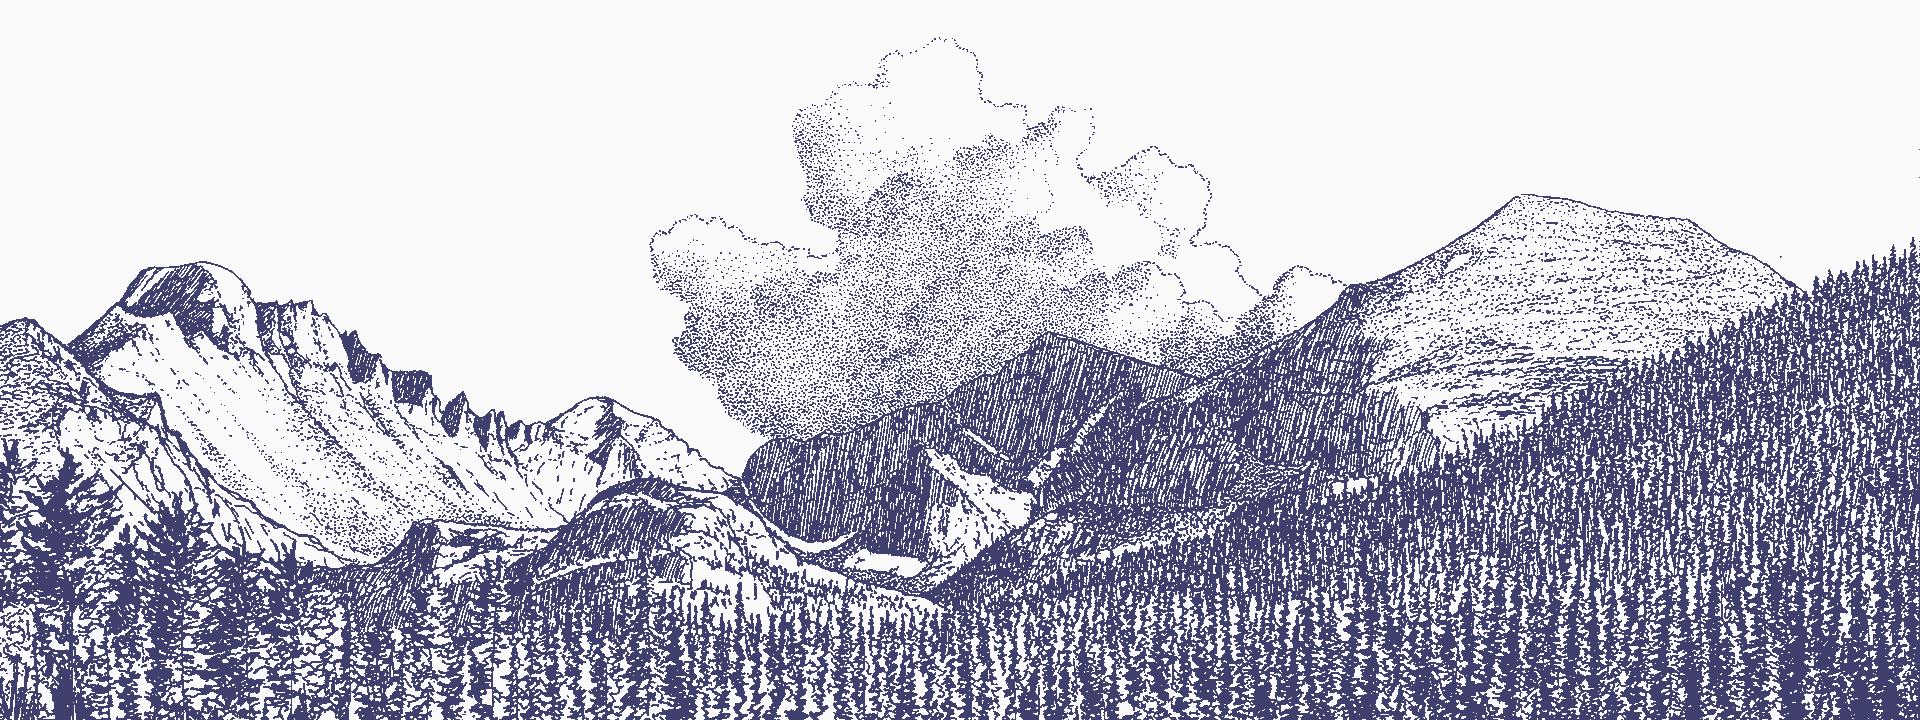 Copin des bois